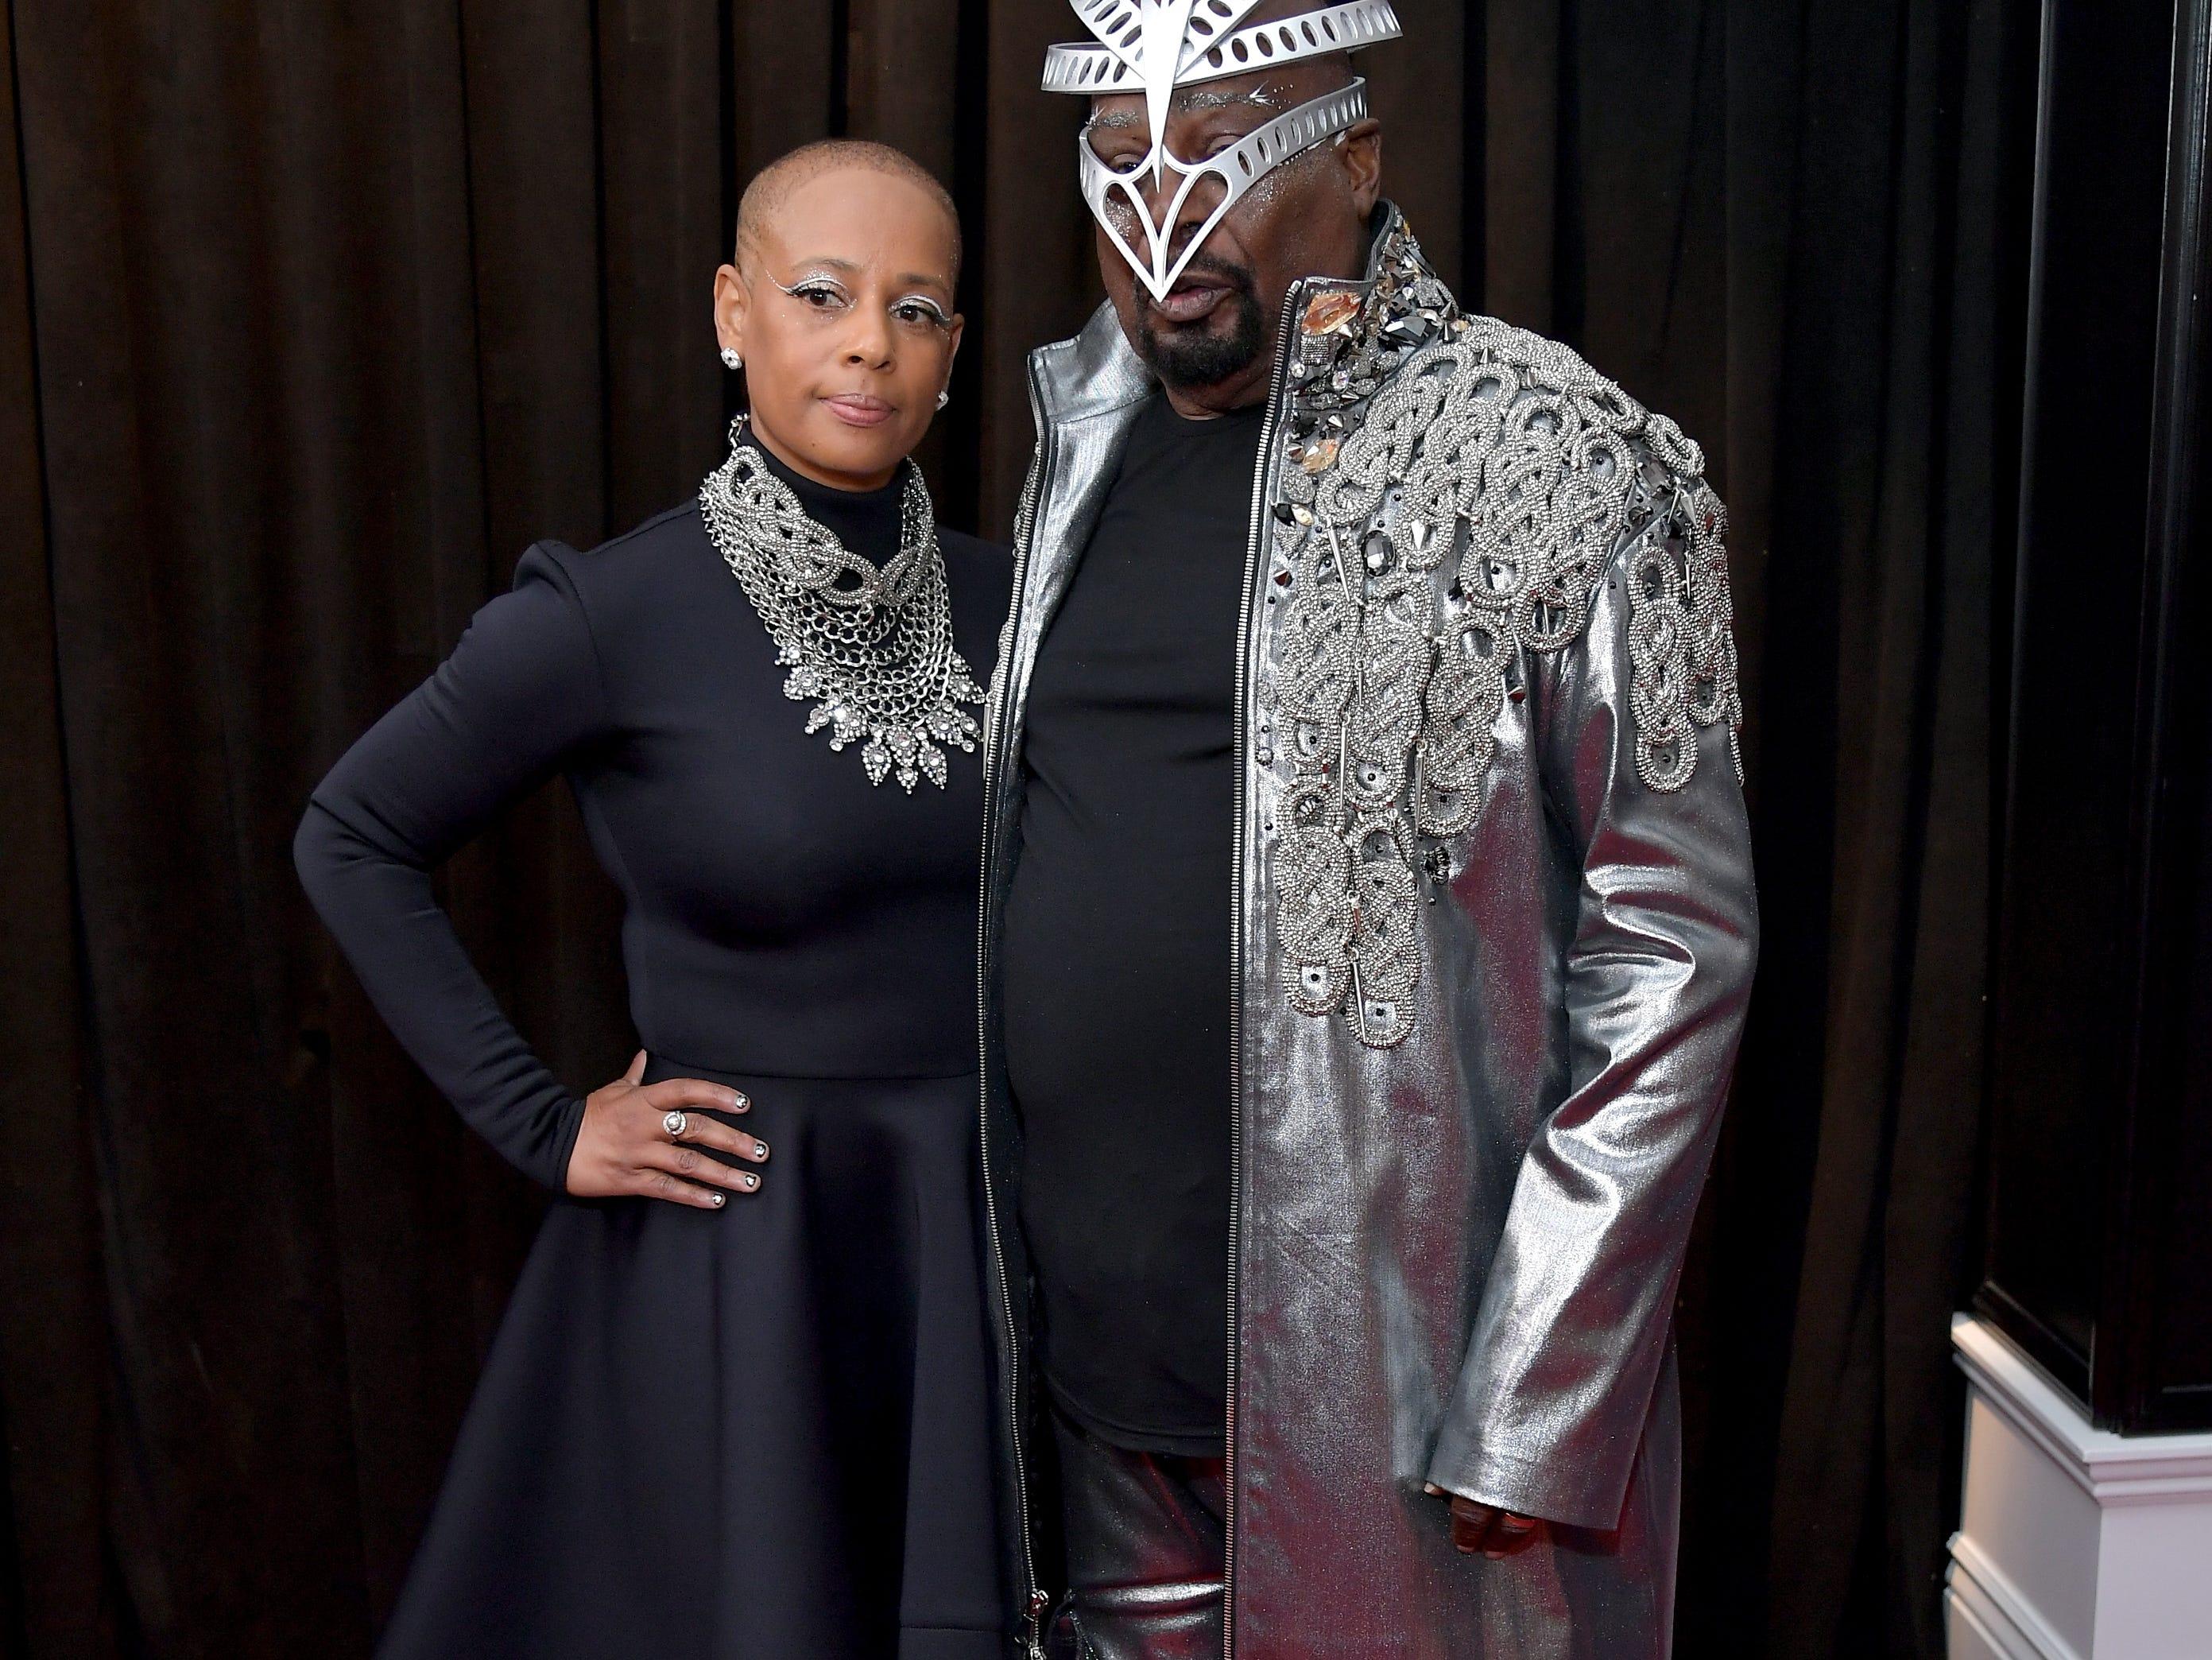 Stephanie Lynn Clinton y George Clinton asisten a la 61ª edición de los premios GRAMMY en el Staples Center el 10 de febrero de 2019 en Los Ángeles, California.